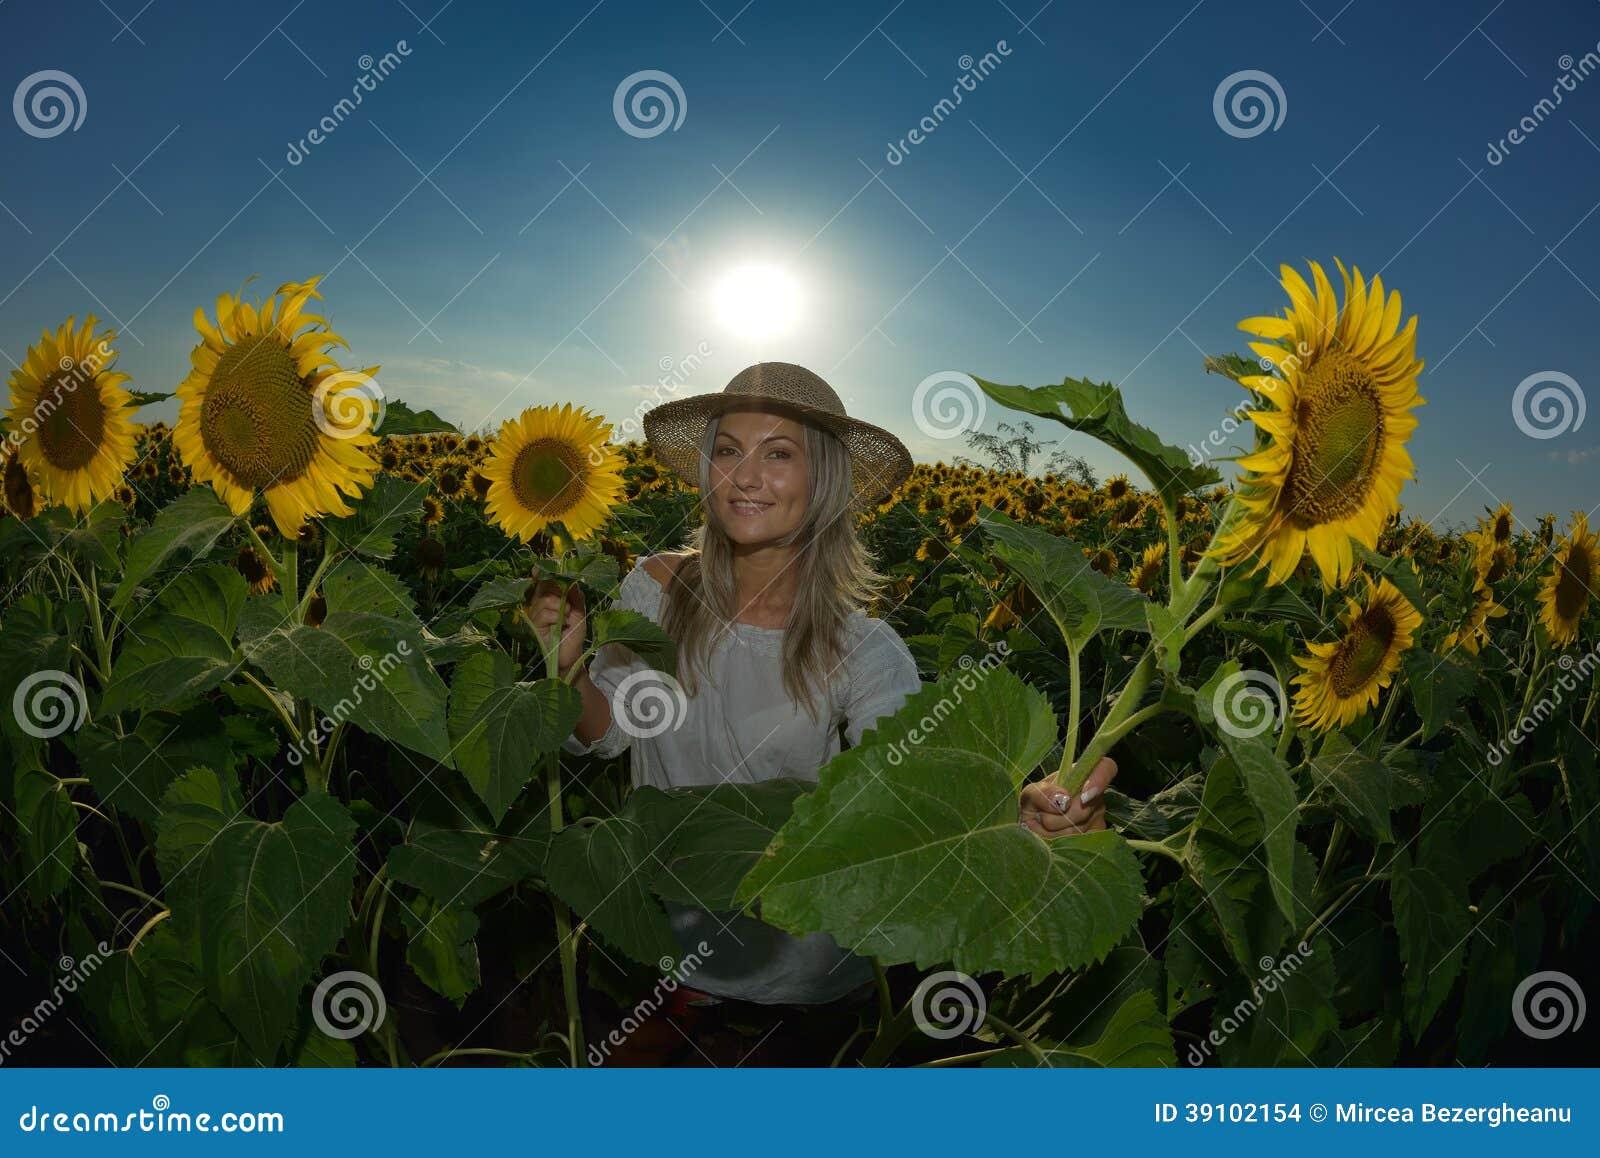 Jonge mooie vrouw op zonnebloemgebied